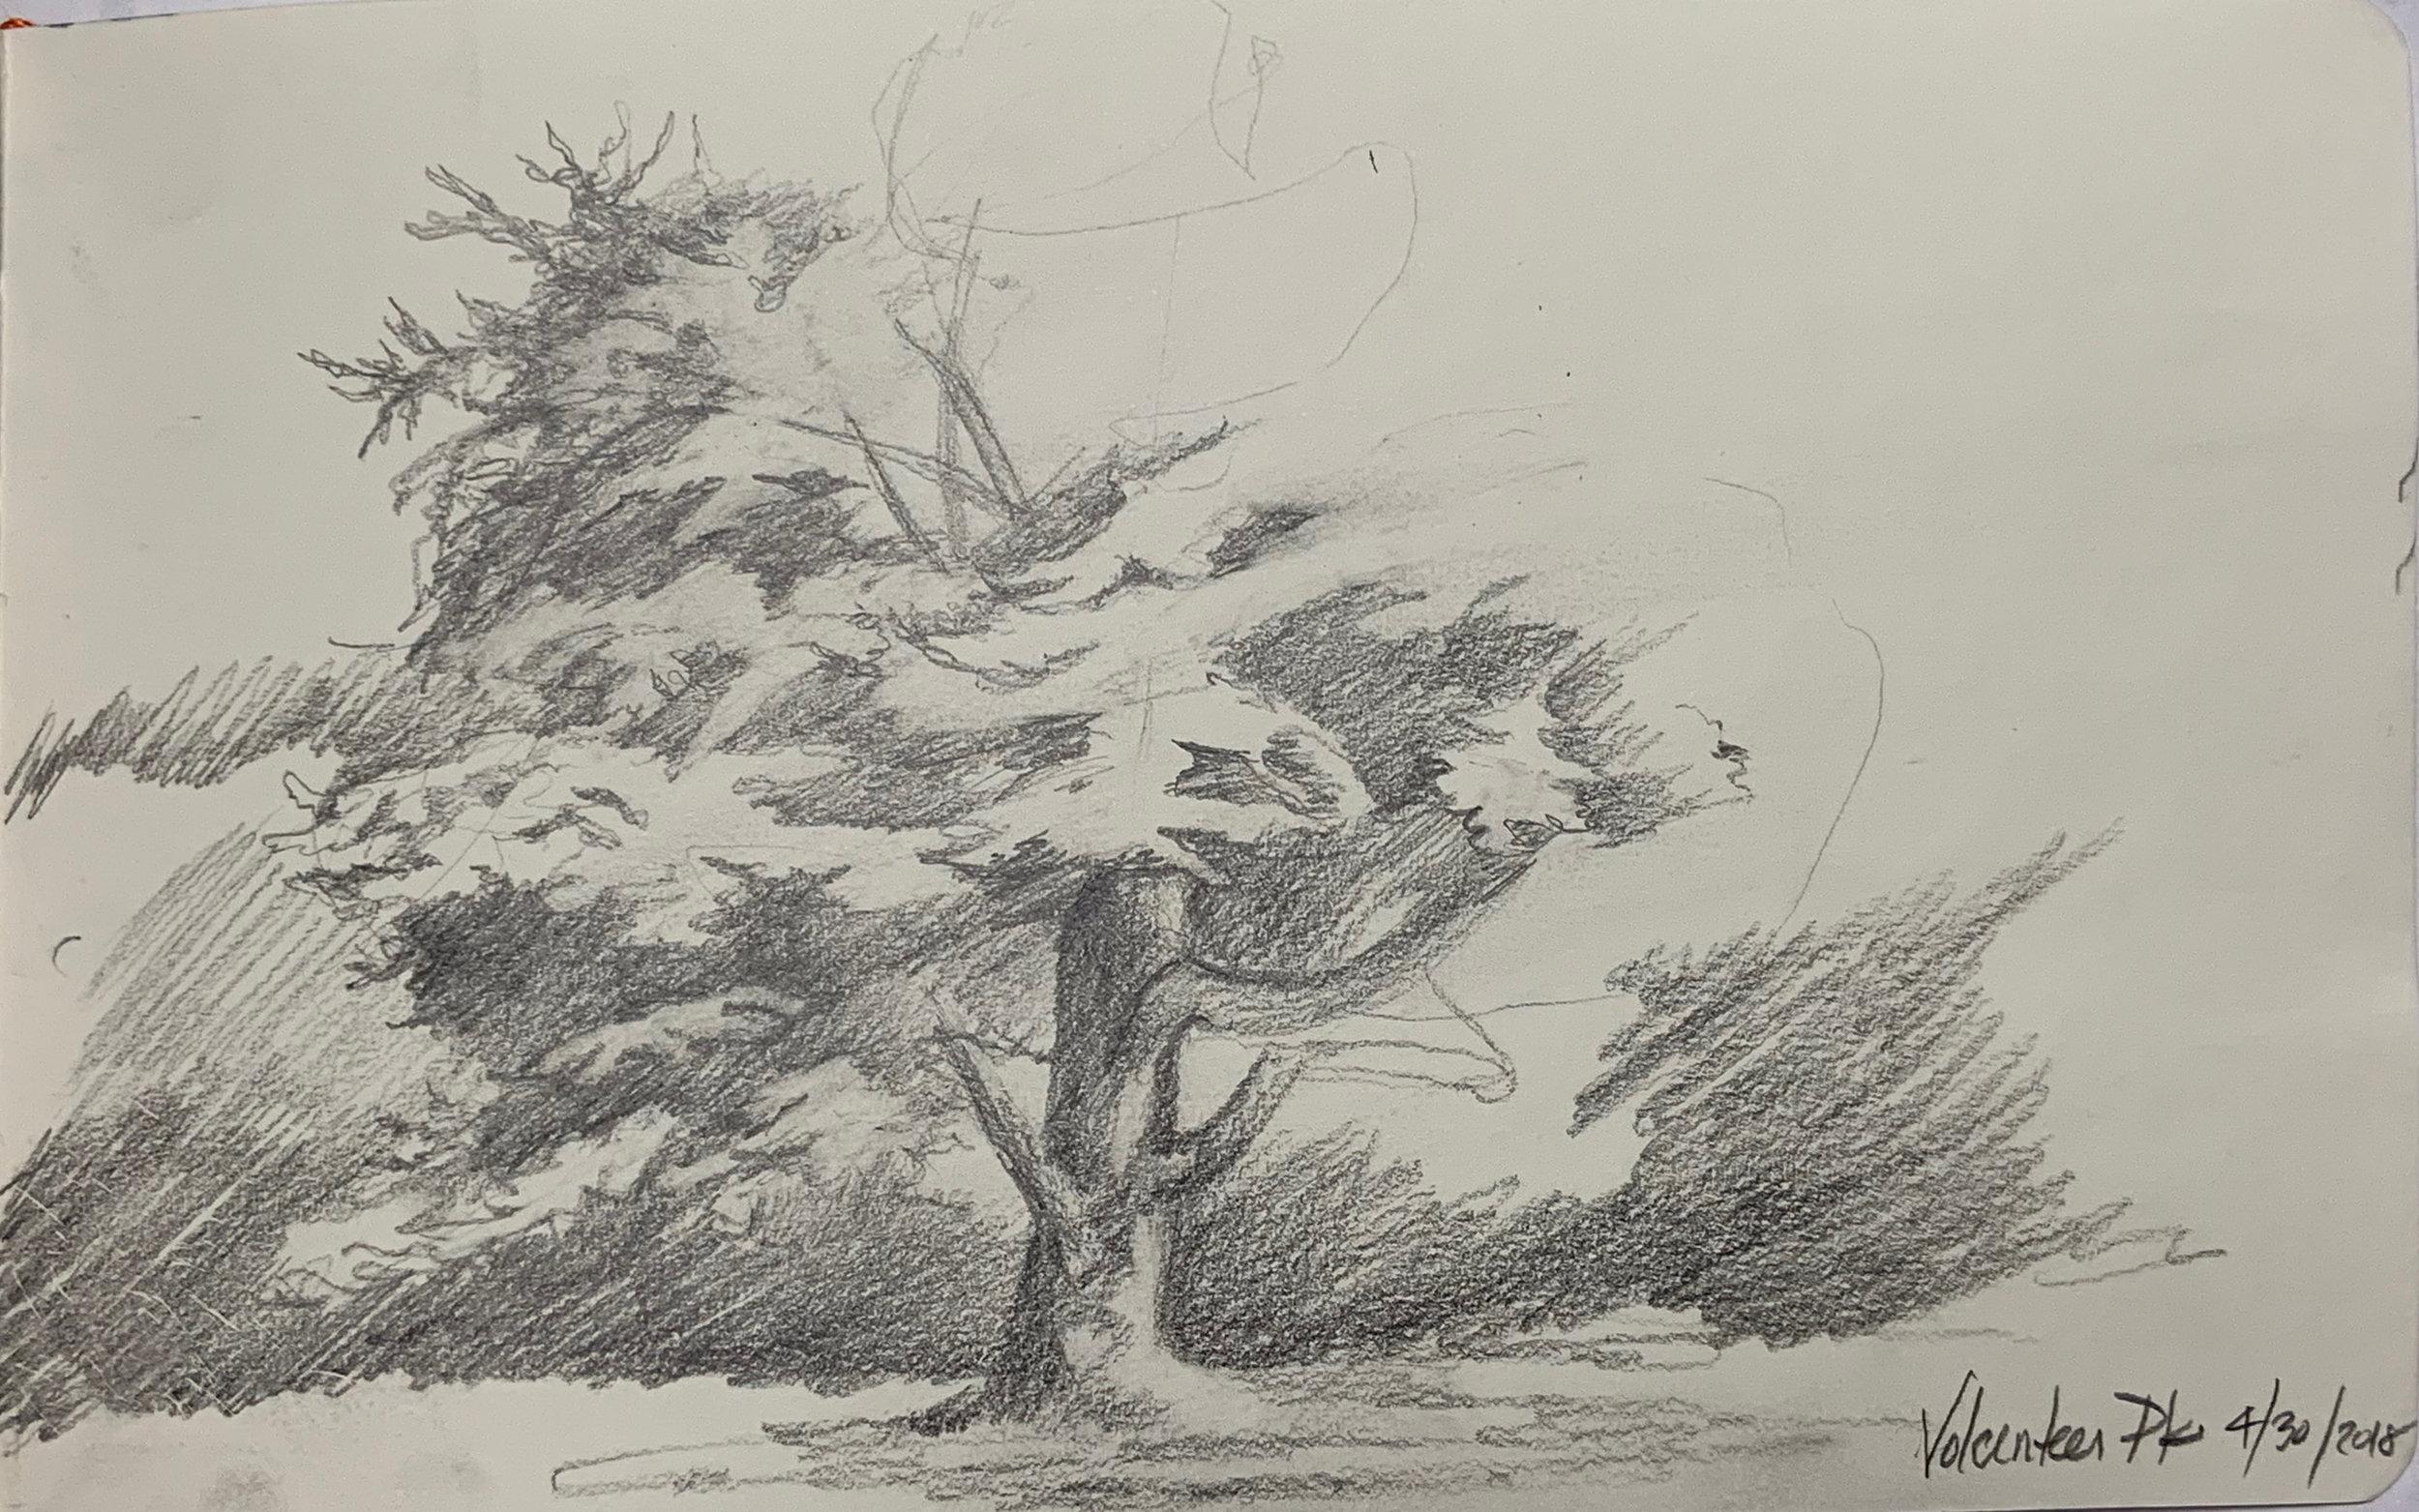 """""""Volunteer Park Sketch of Tree"""""""